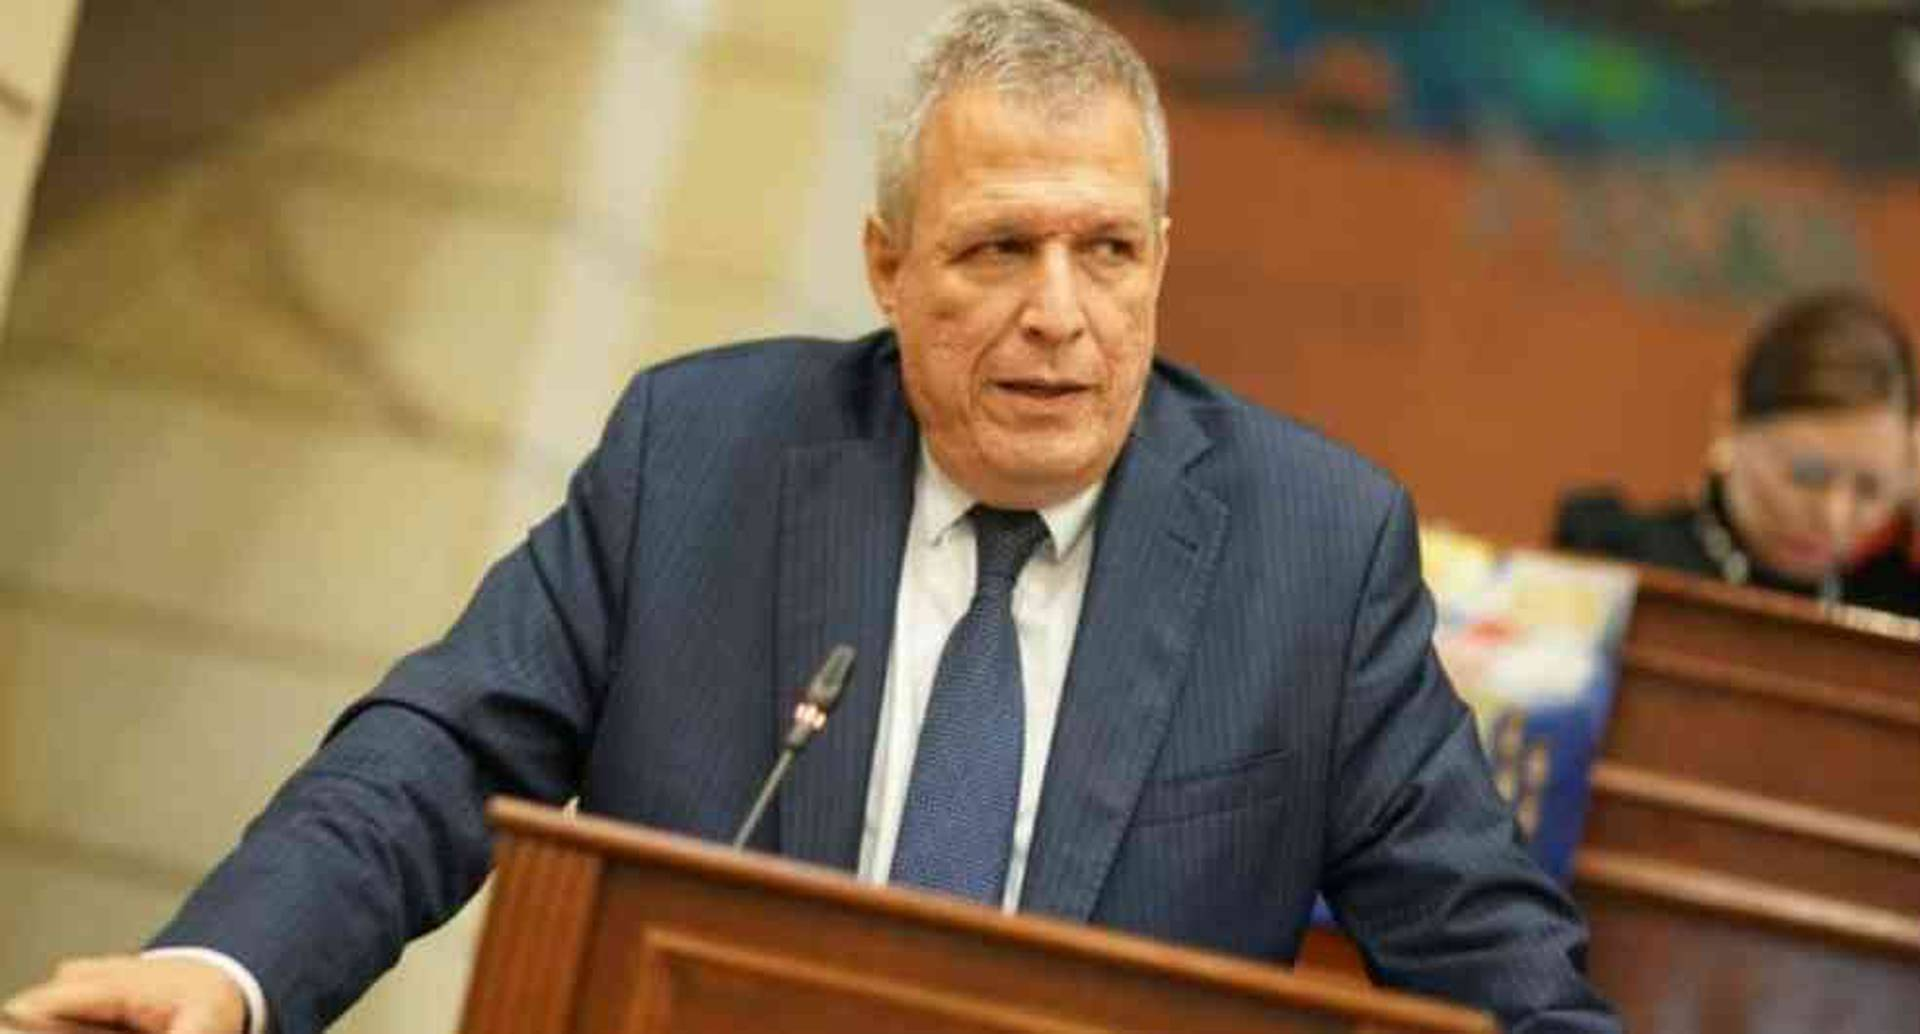 El abogado antioqueño Germán Blanco tiene 52 años y en los últimos diez ha sido representante a la Cámara.